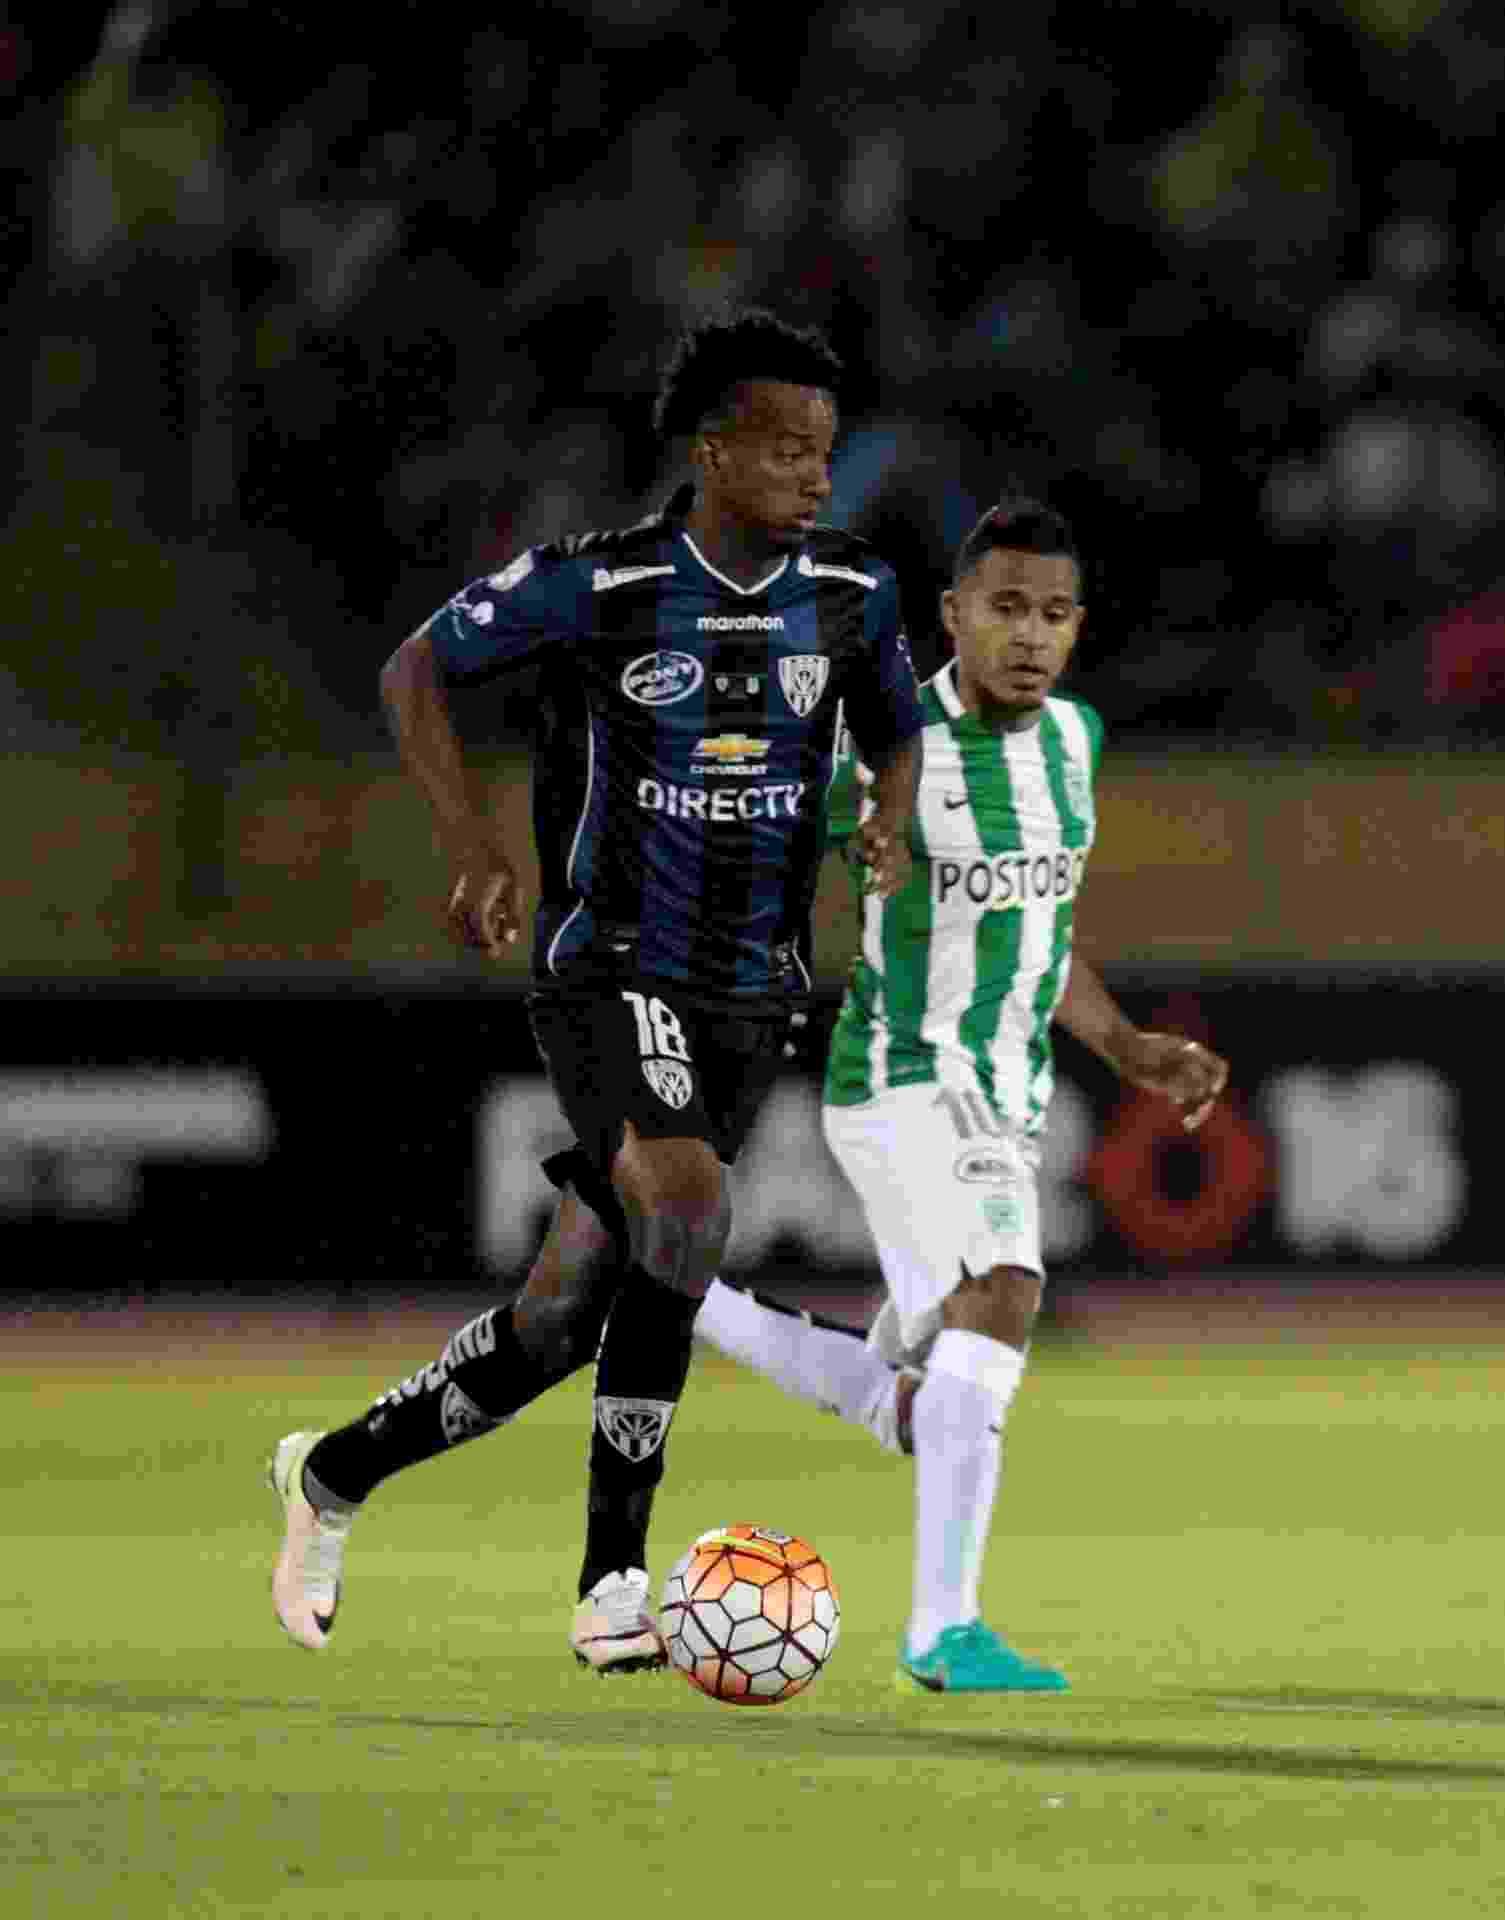 Jefferson Orejuela, em ação pelo Independiente del Valle contra o Atlético Nacional - REUTERS/Guillermo Granja